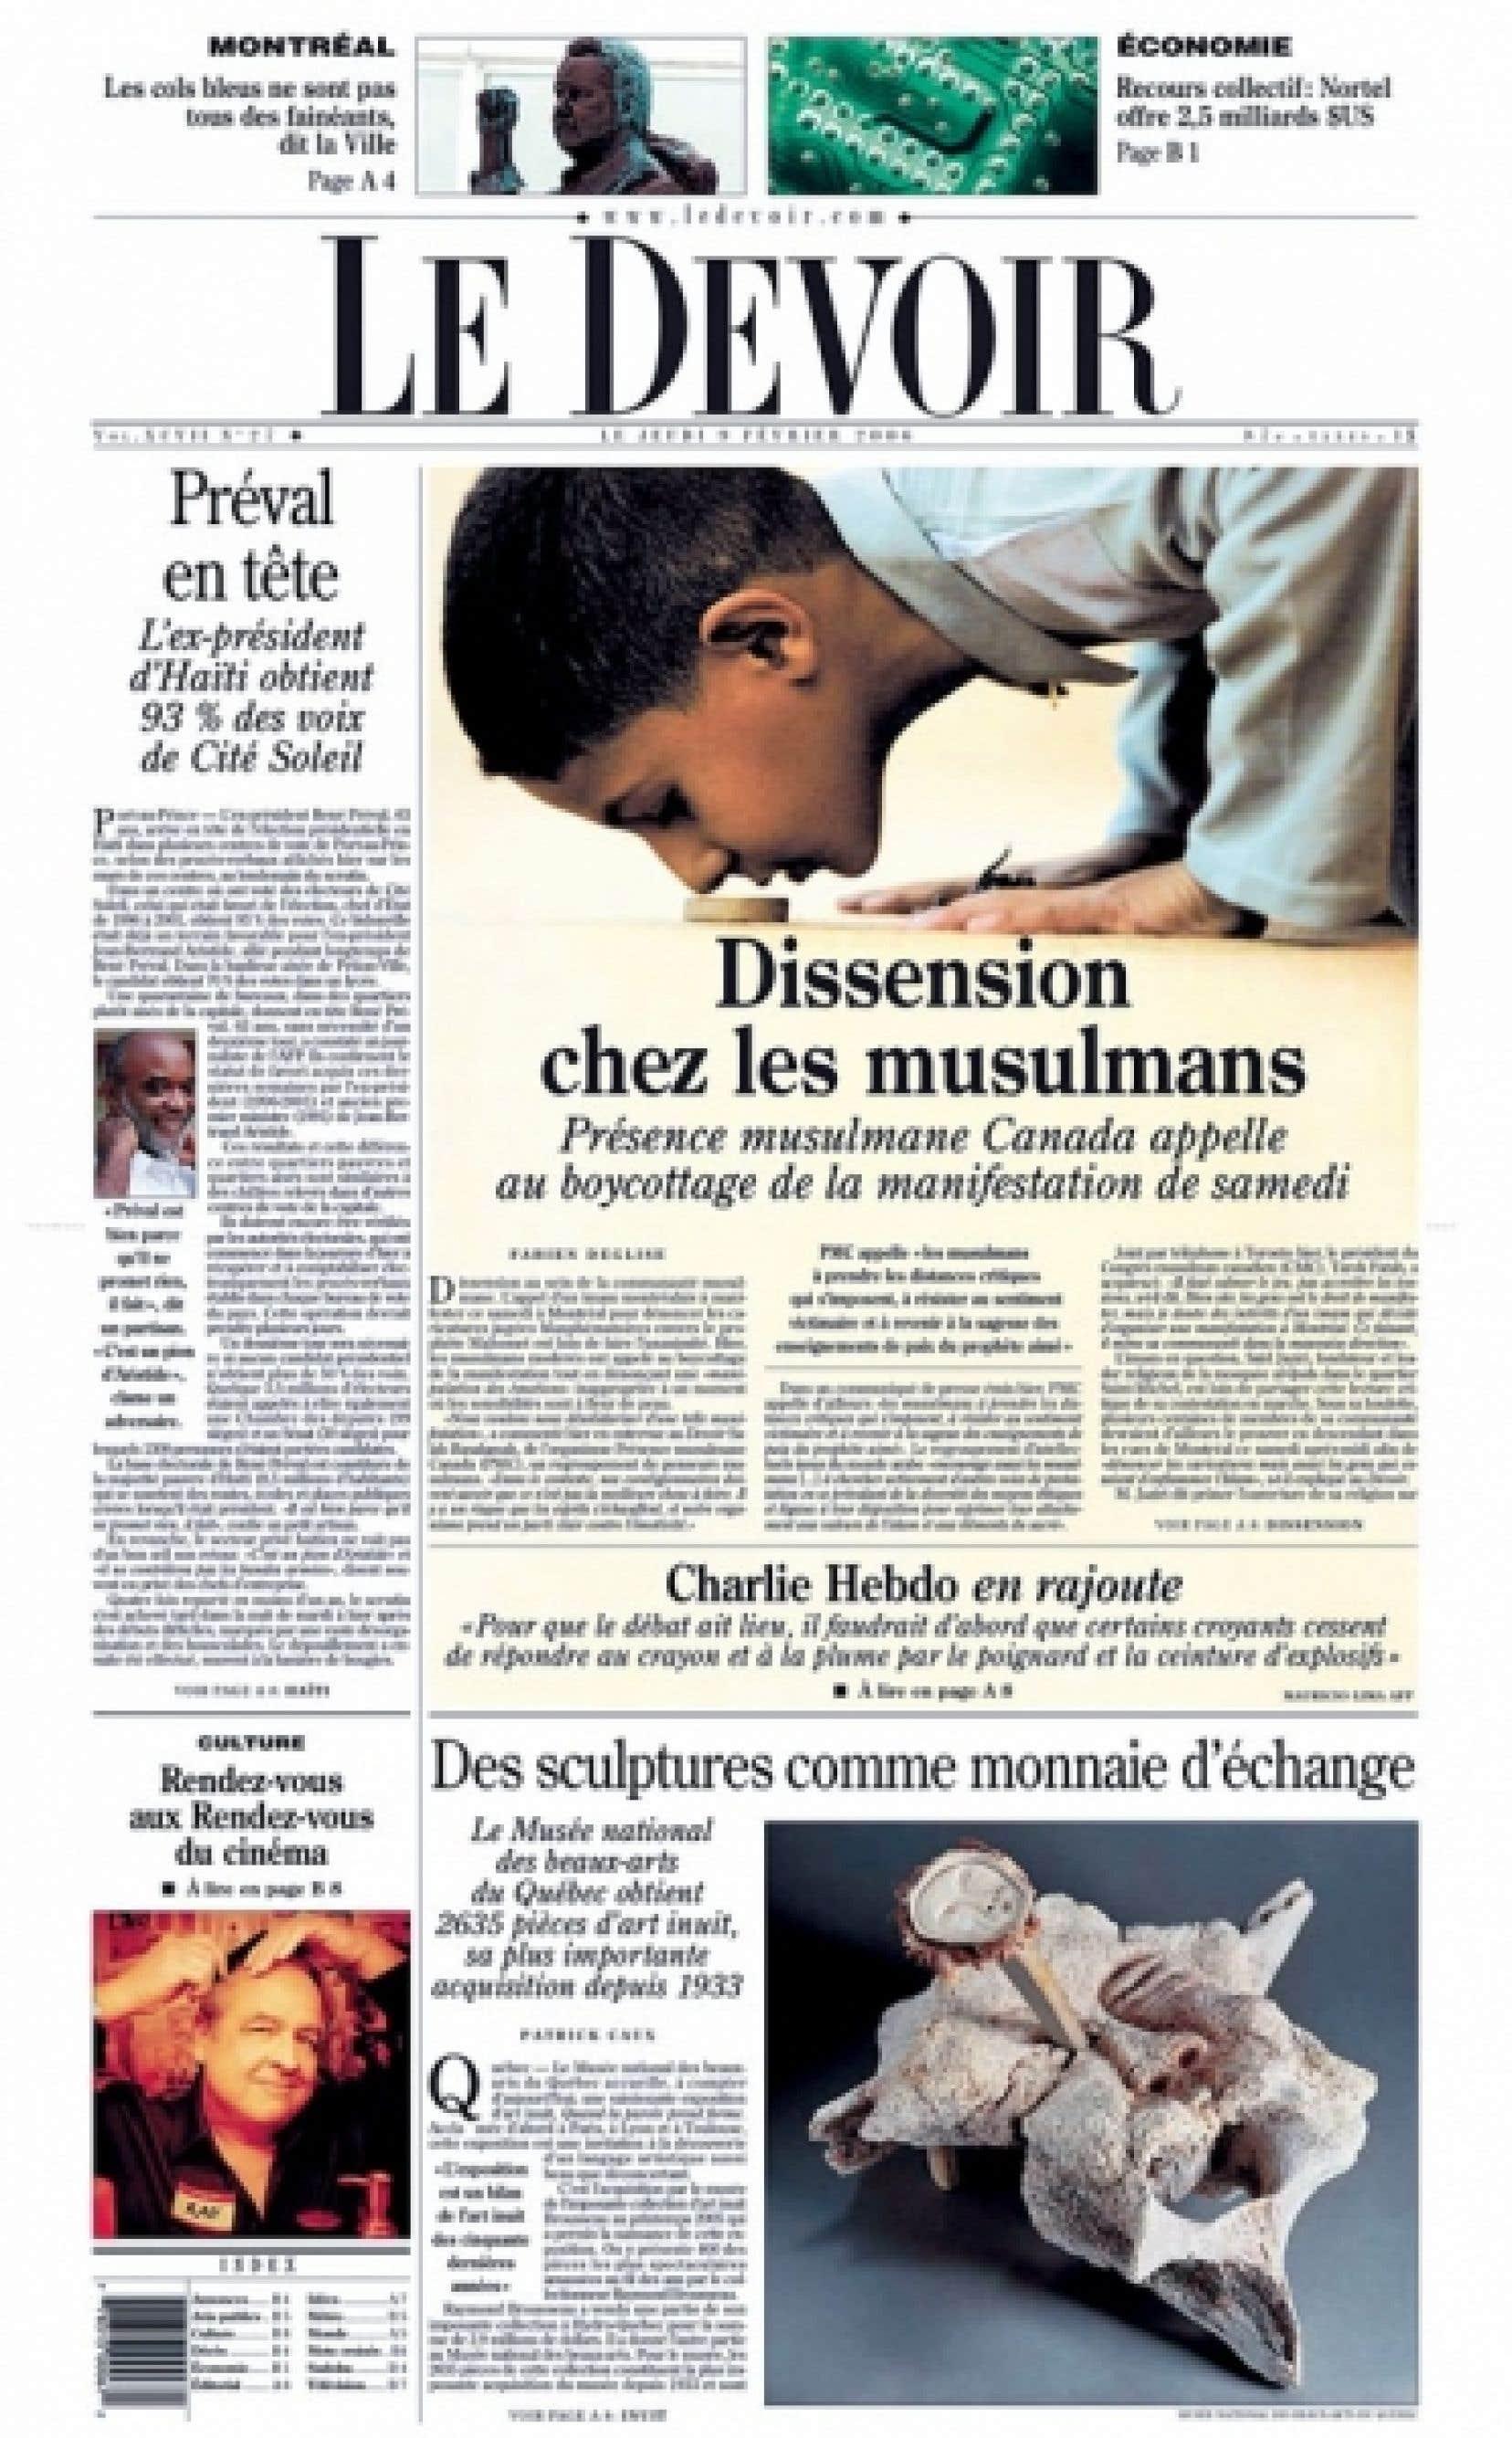 «Le média s'empare d'un instant de la réalité et, en faisant le choix de le figer, l'érige en symbole.» La première page du Devoir du 9 février 2006.